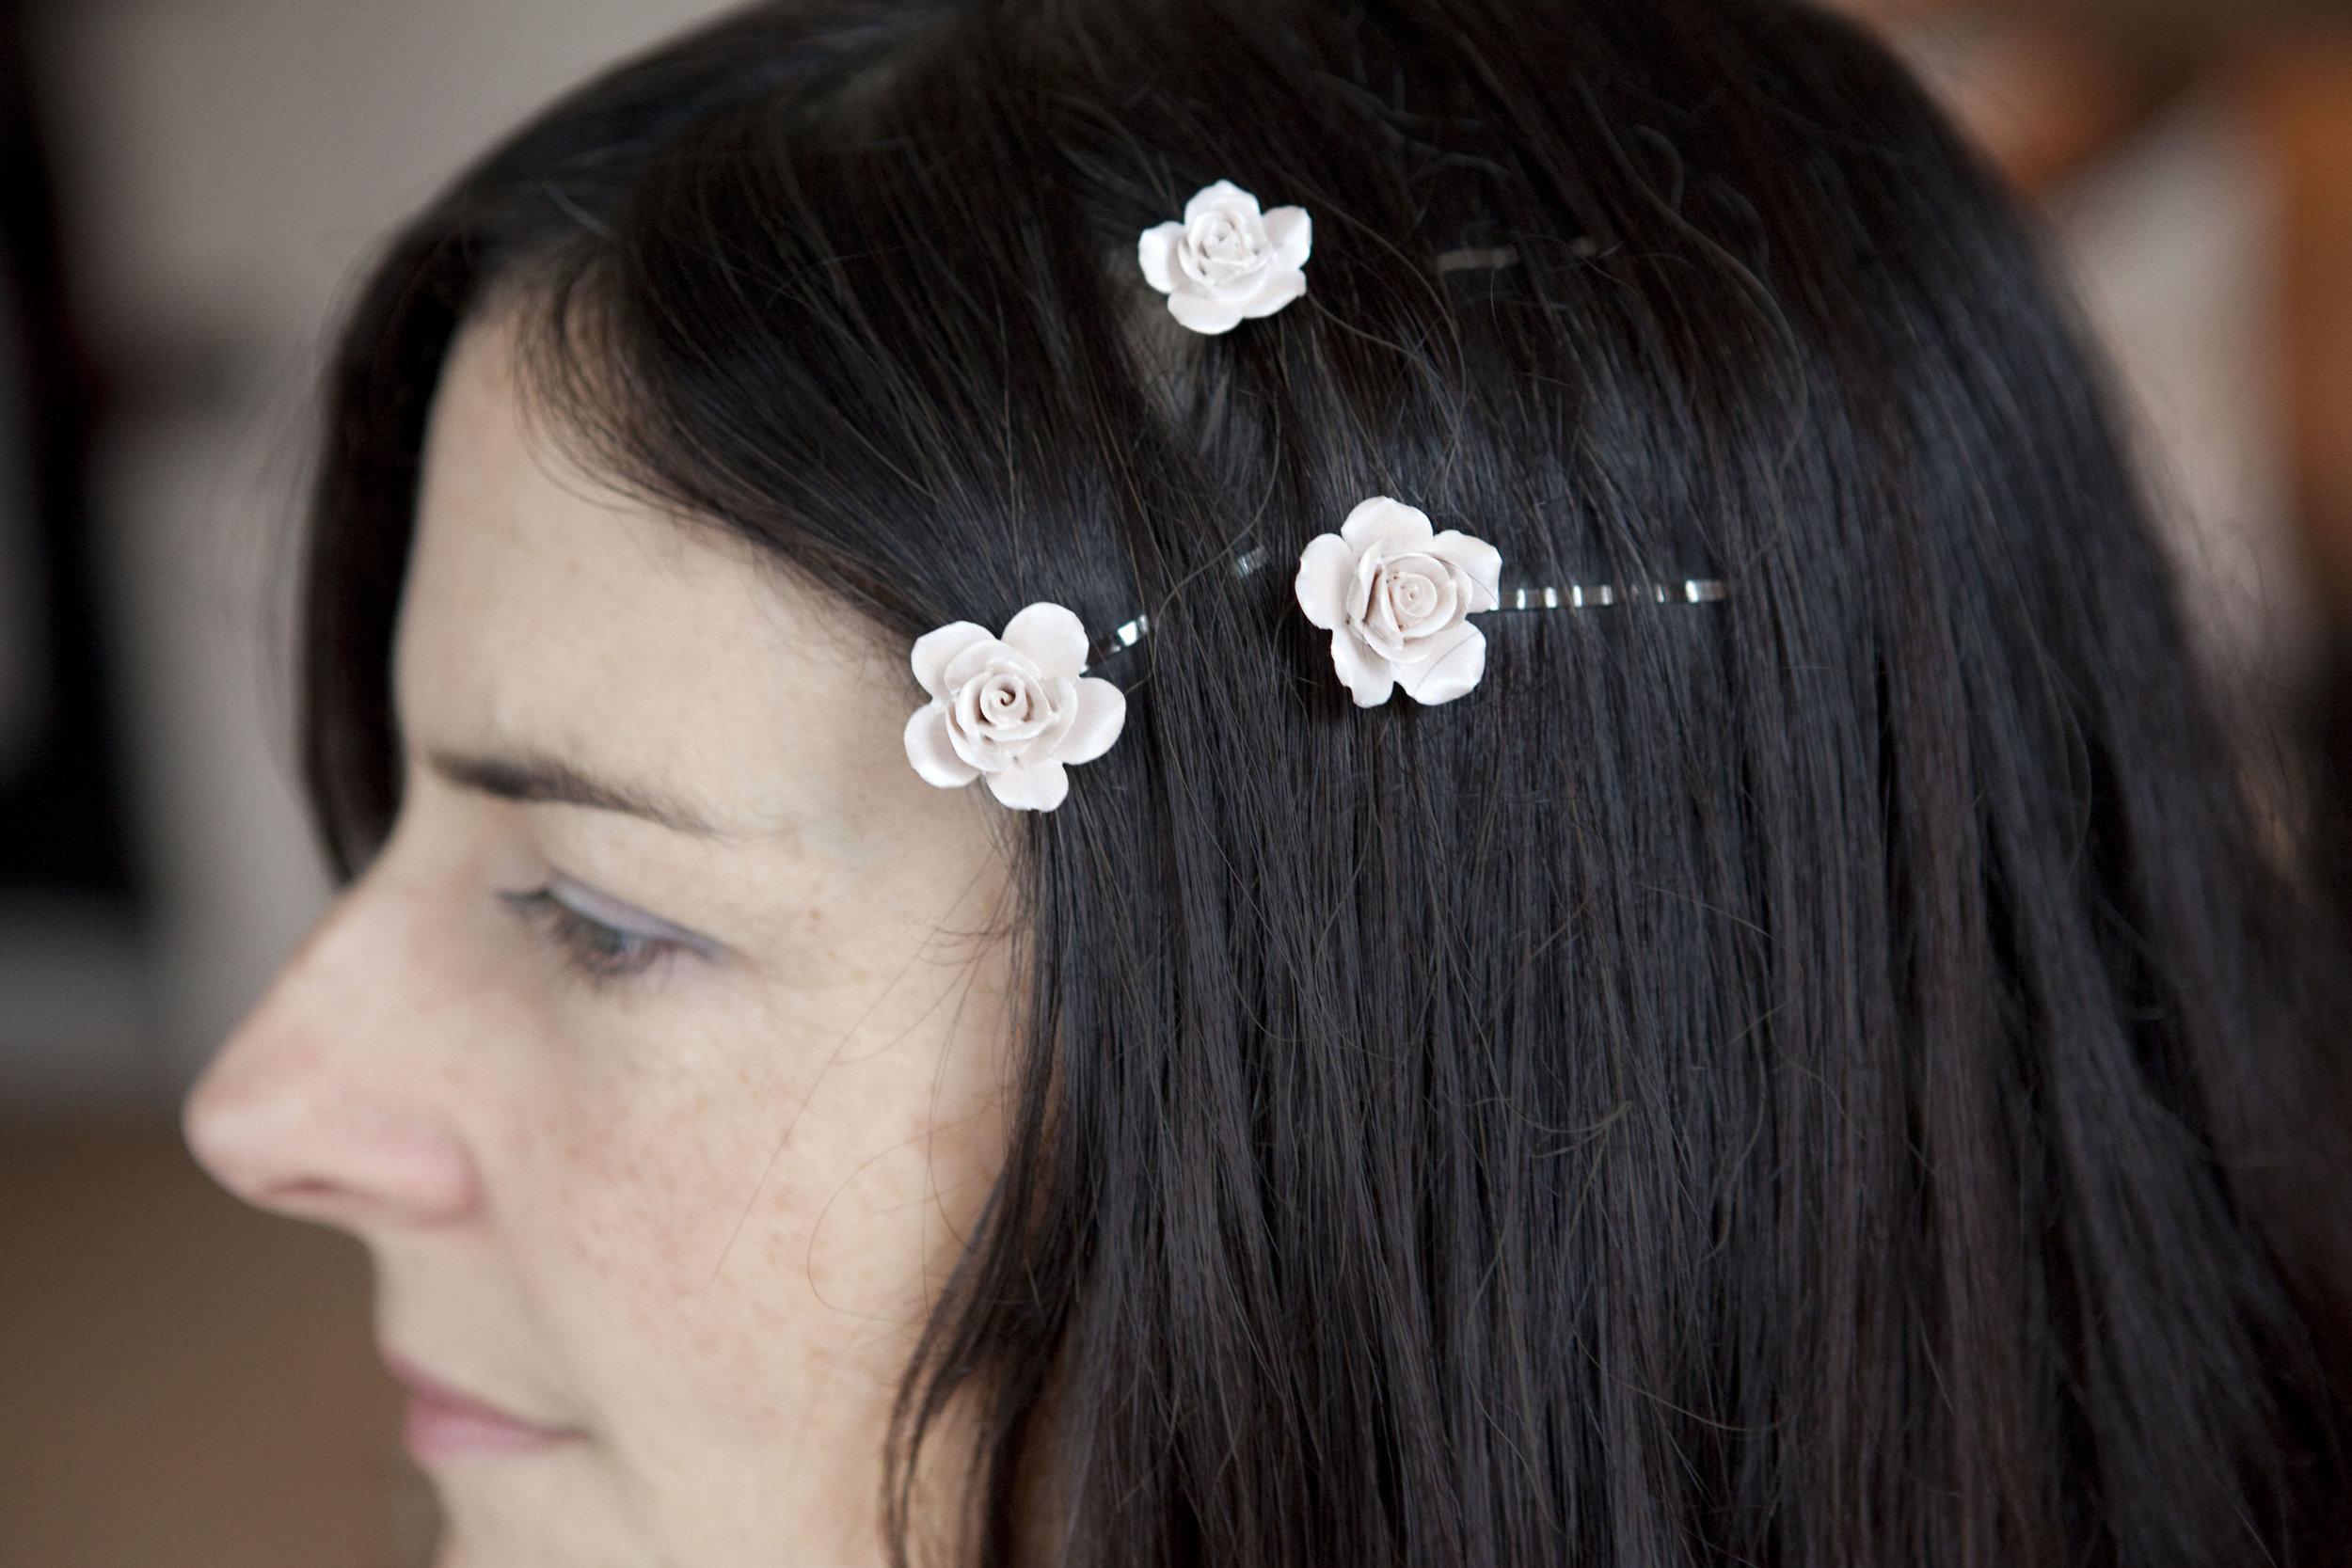 Porcelain hair slides